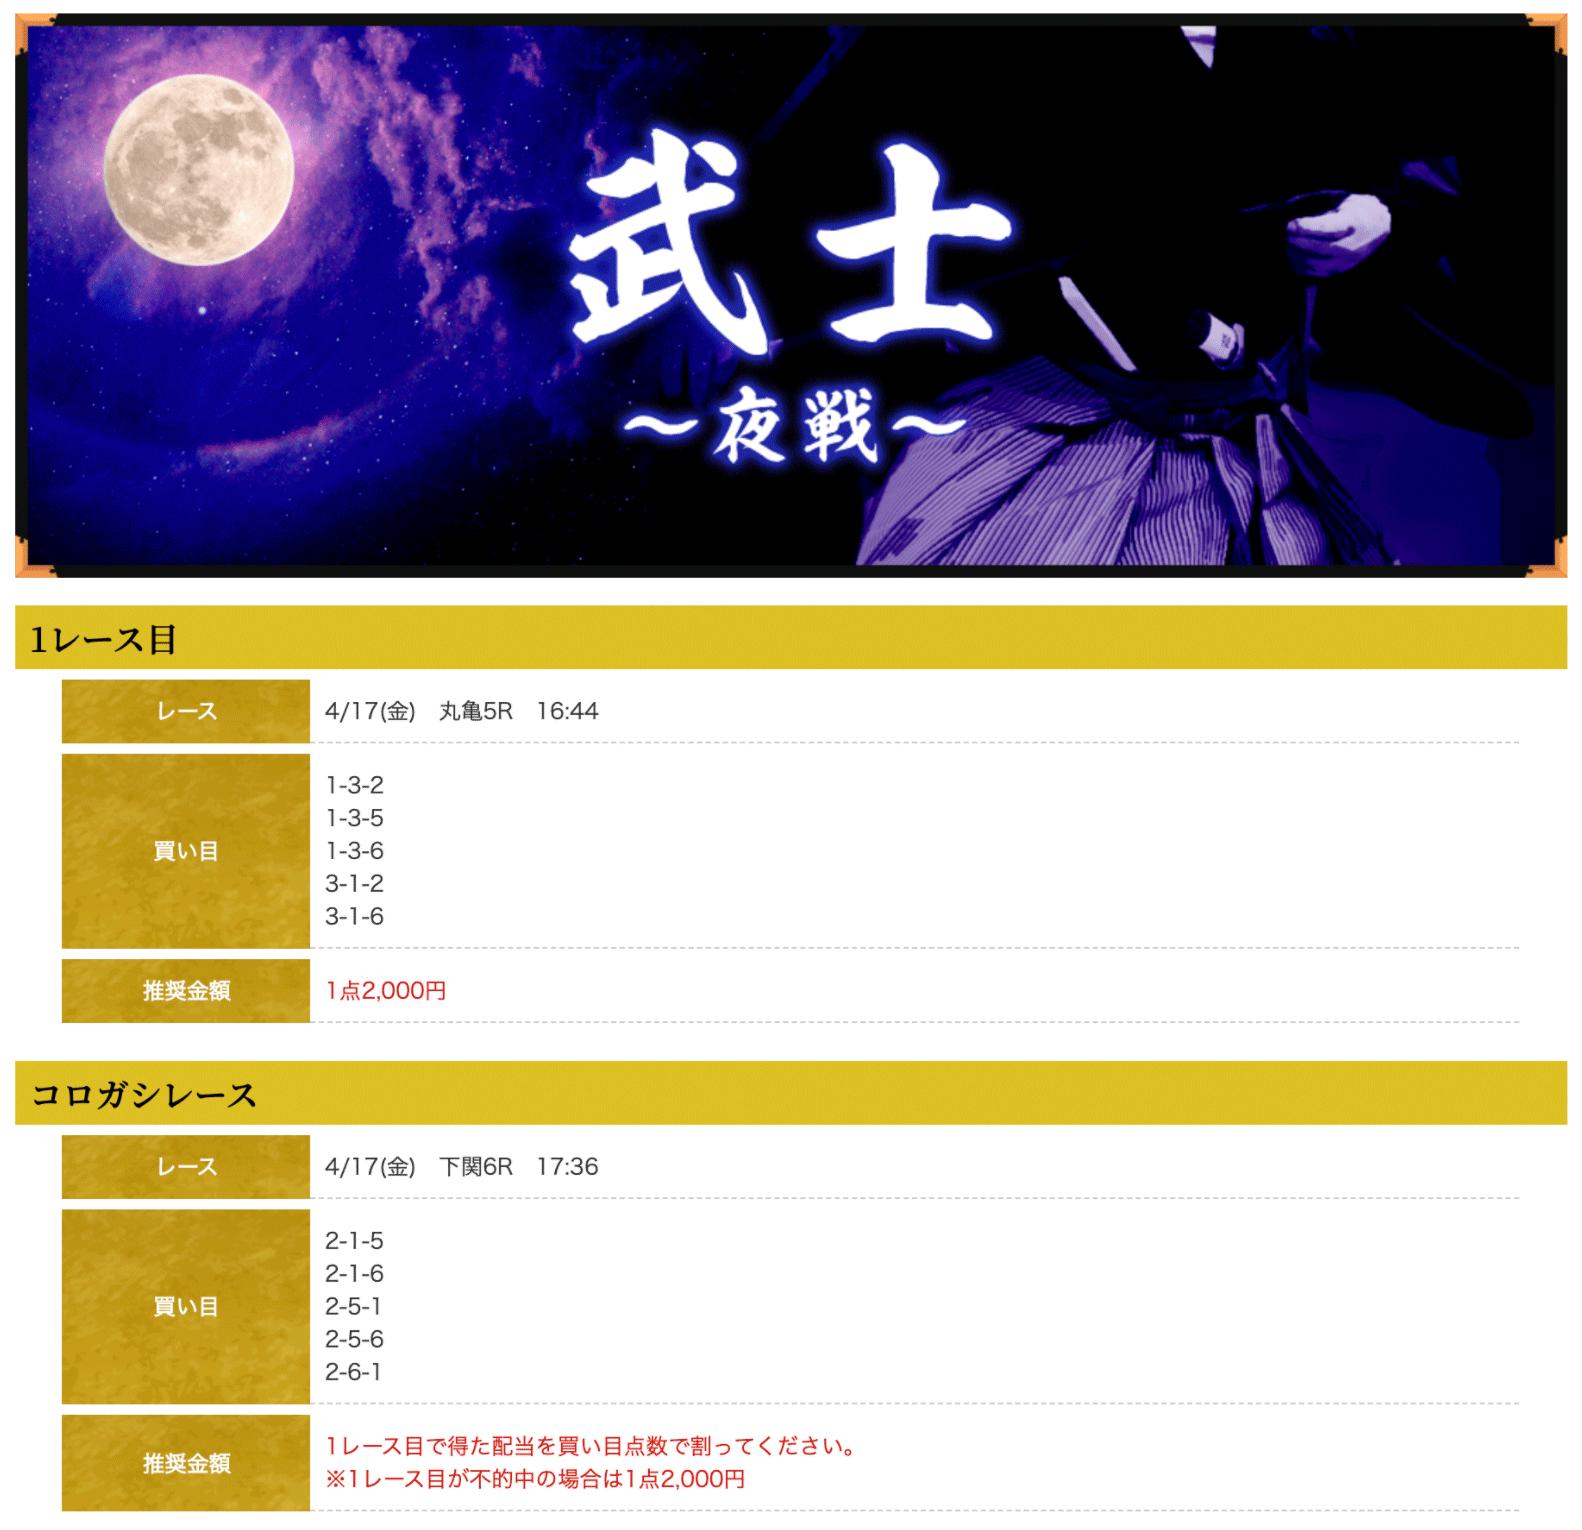 優良 船国無双(せんごくむそう)のプラン「武士-夜戦-」2020年4月17日買い目 競艇予想サイトの口コミ検証や無料情報の予想結果も公開中